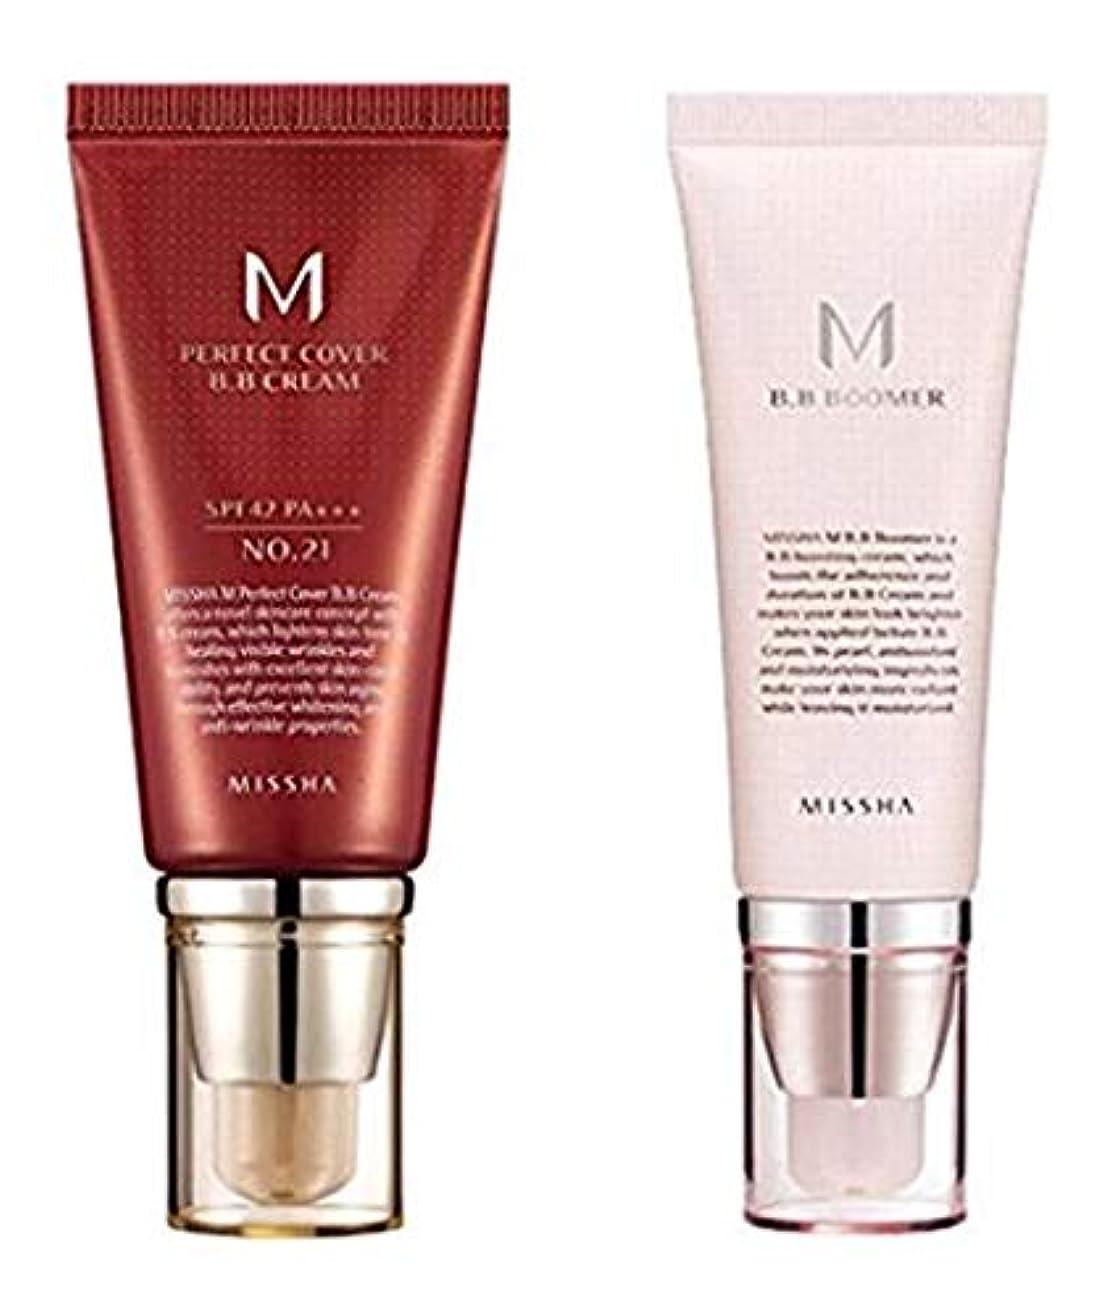 空洞かき混ぜるマウントバンクMISSHA M Perfect Cover BB cream #21 + M BB Boomer / ミシャ M パーフェクトカバー BBクリーム 50ml + M BBブーマー40ml [並行輸入品]